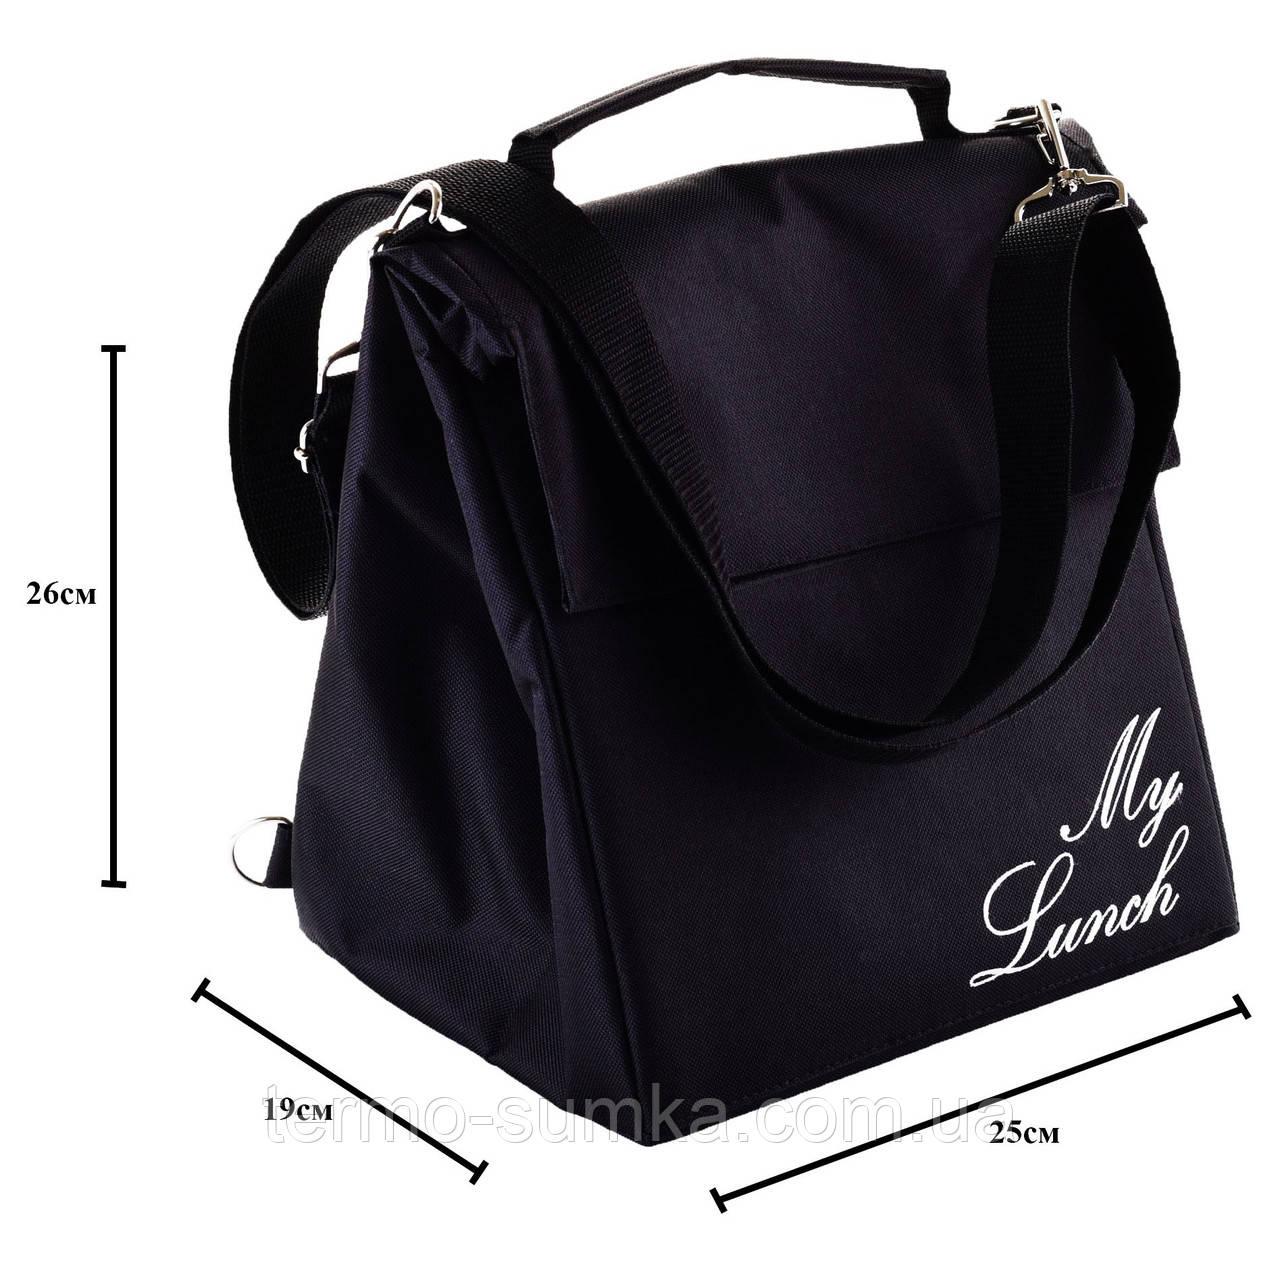 Термосумка - рюкзак. Ланч бэг с вышивкой My lunch. Черный